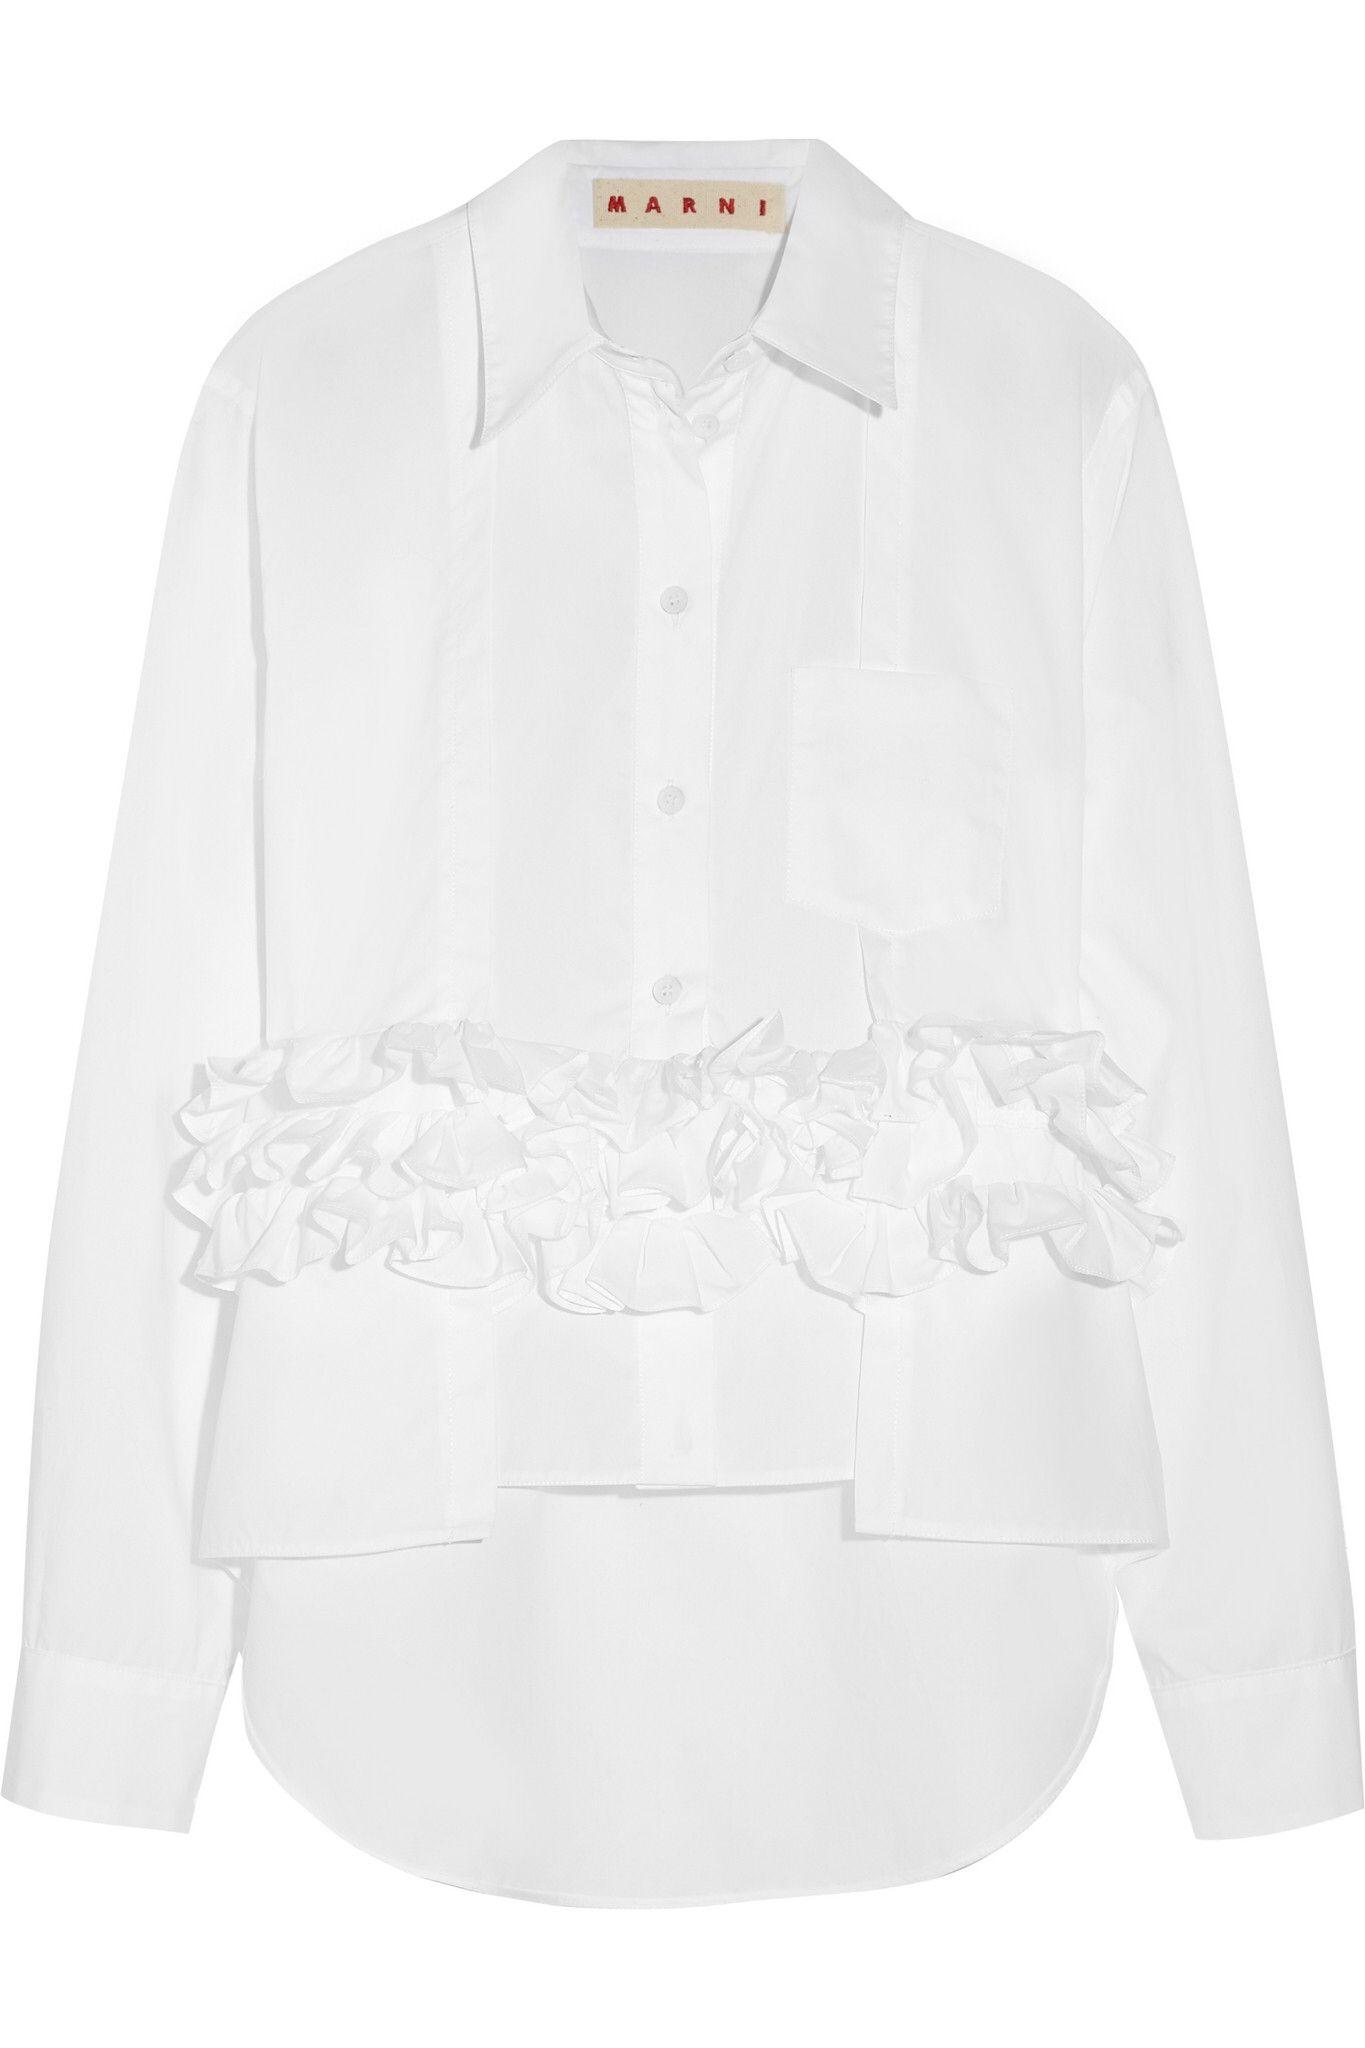 Marni - Ruffled cotton-poplin shirt